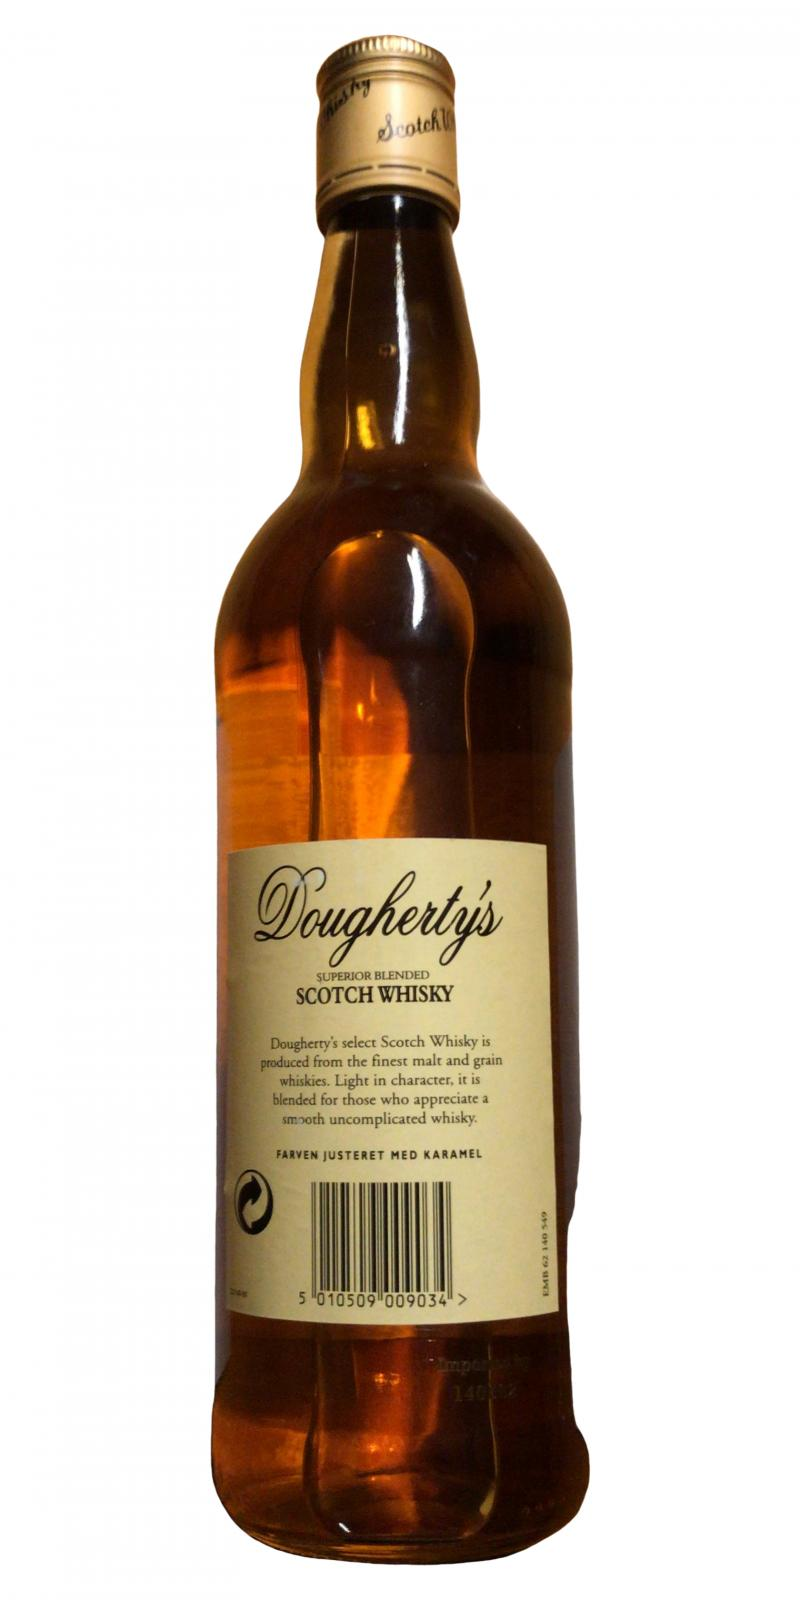 Dougherty's Scotch Whisky M&S